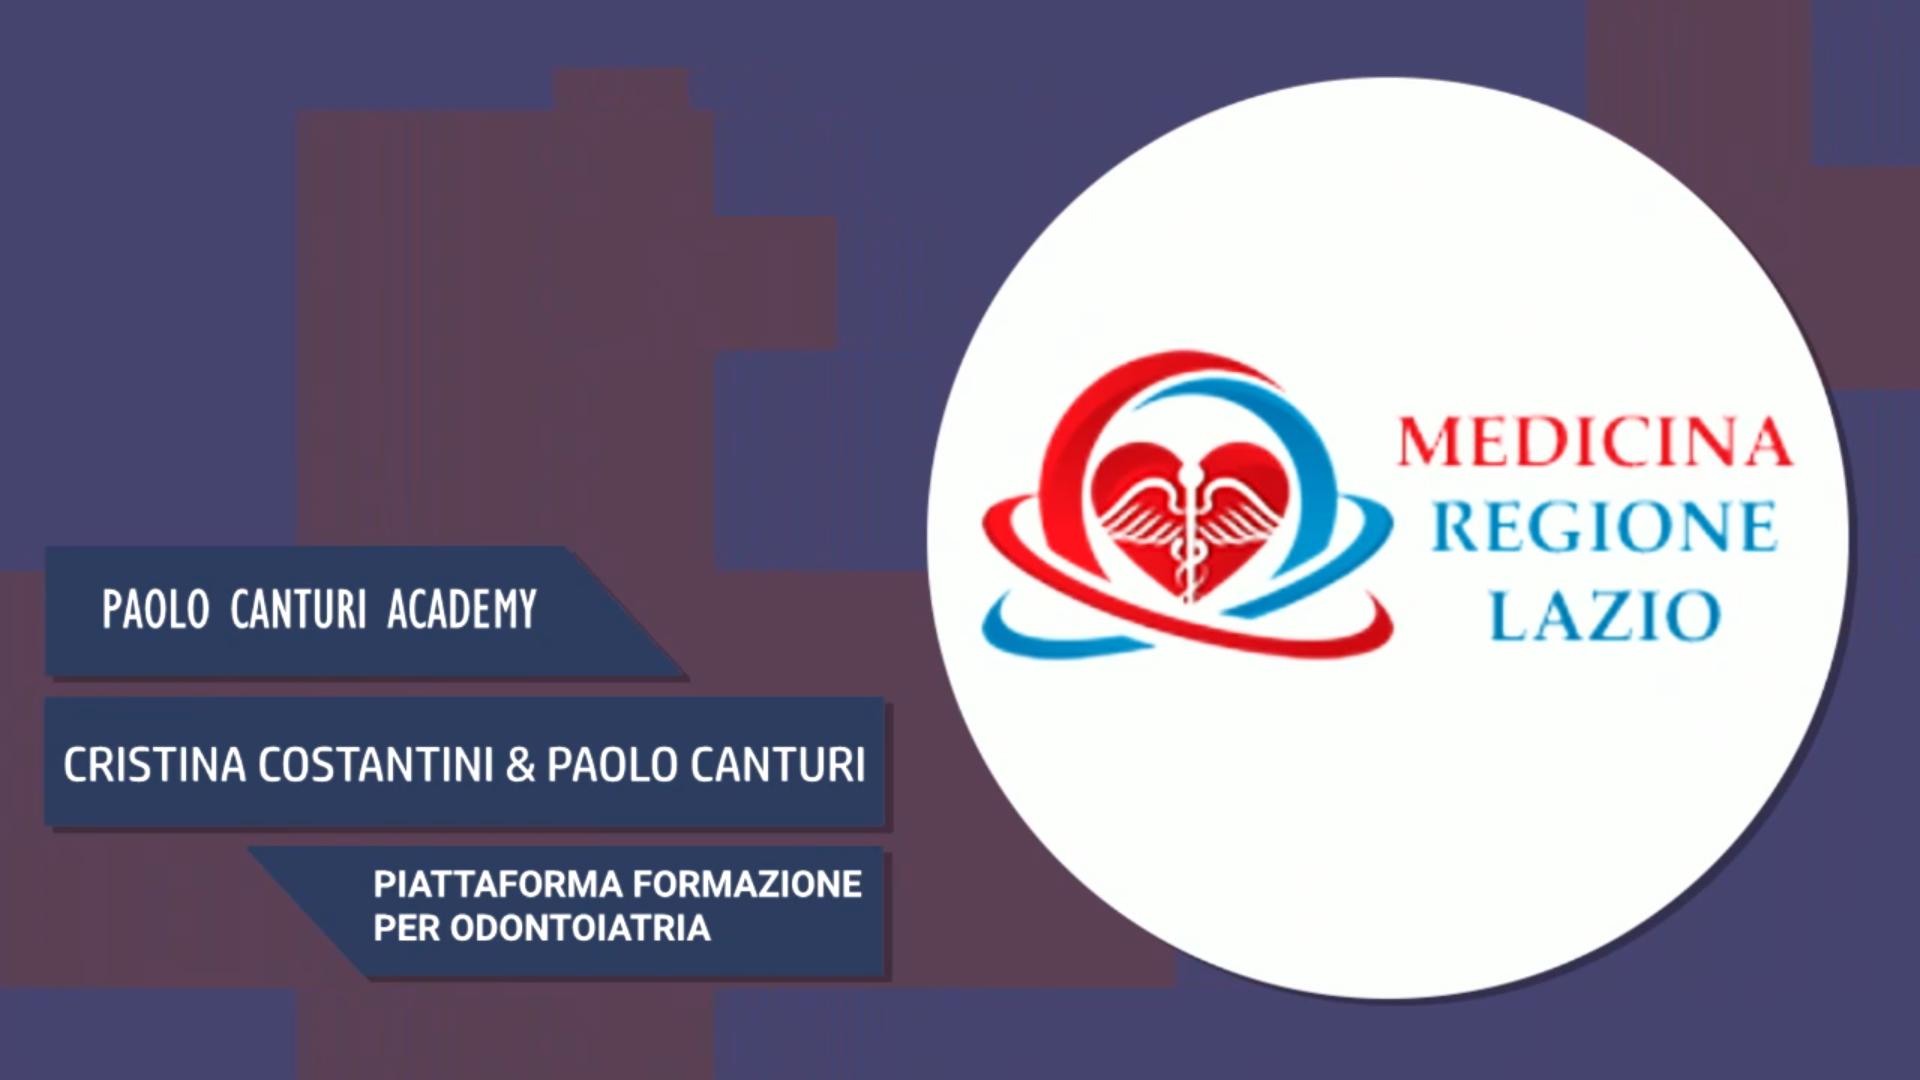 Intervista a Cristina Costantini & Paolo Canturi – Piattaforma formazione per odontoiatria